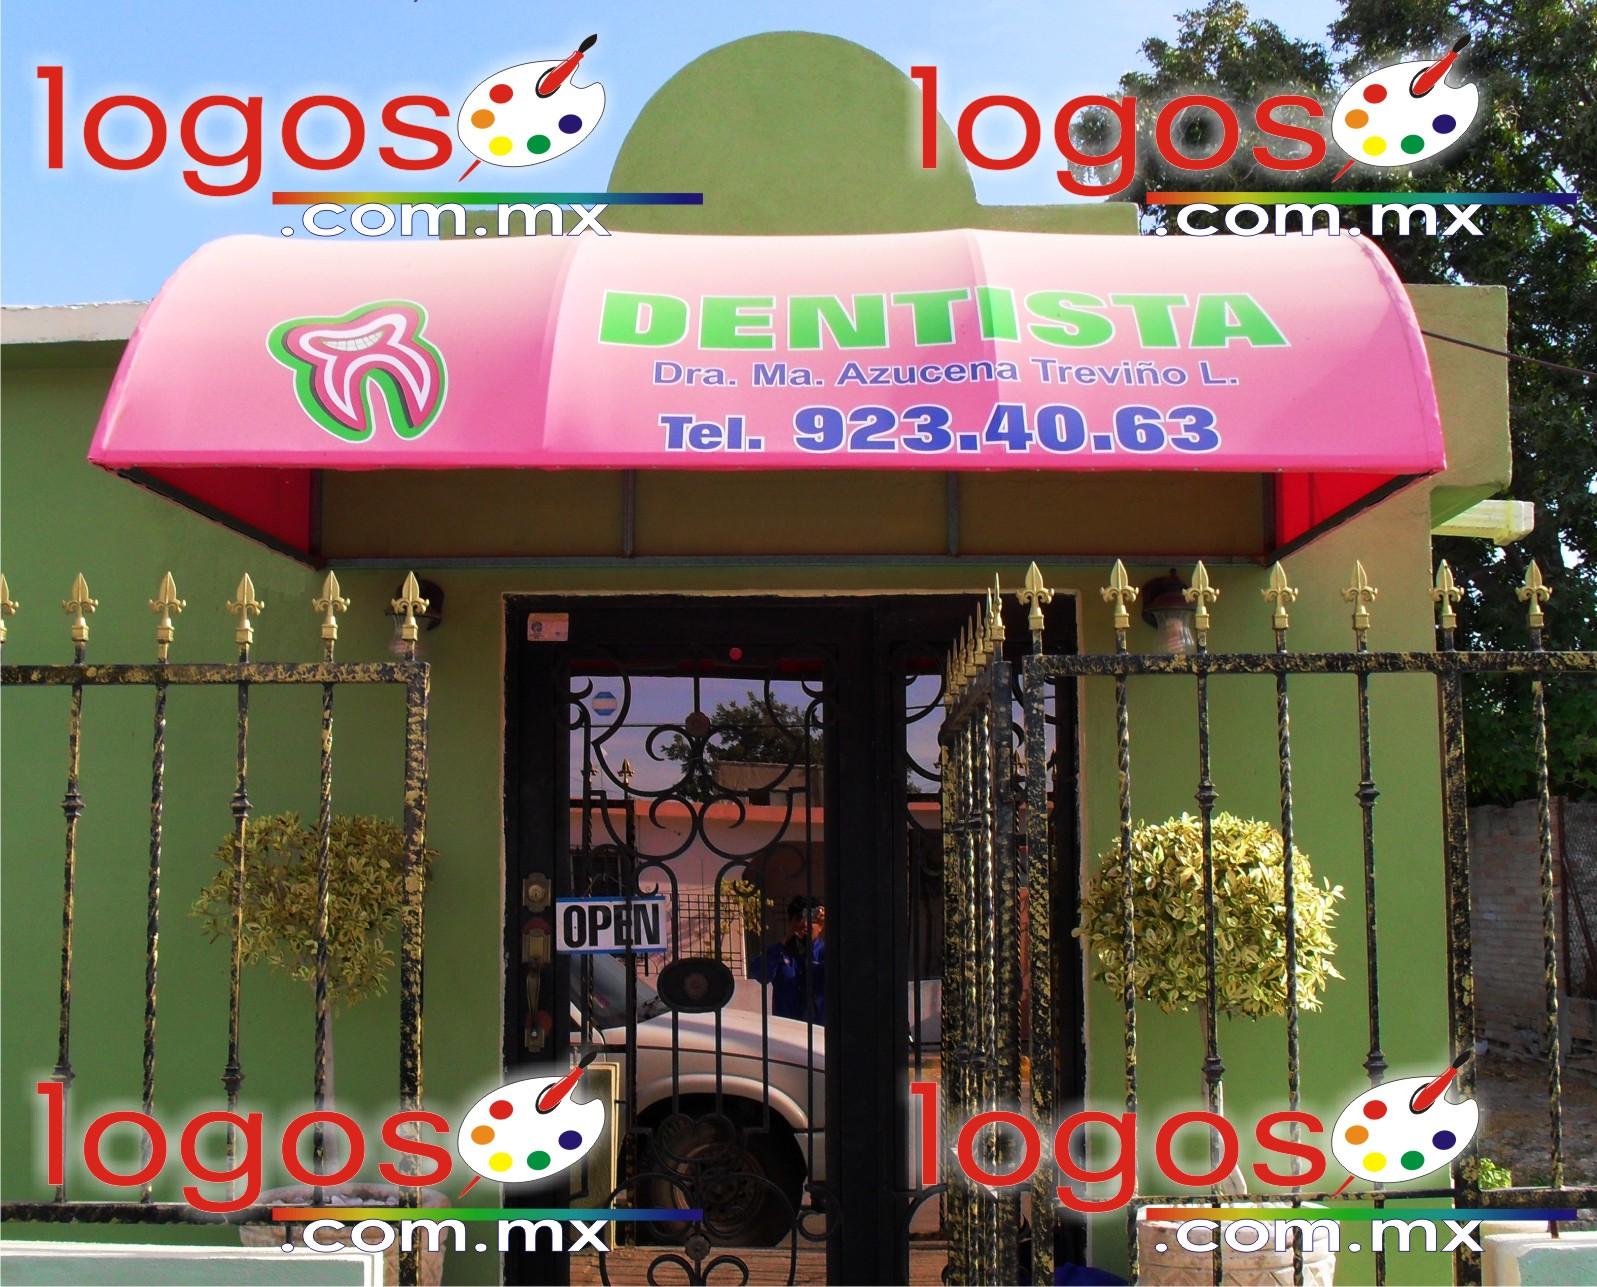 Fotos de dabahia toldos quotes for Imagenes de toldos